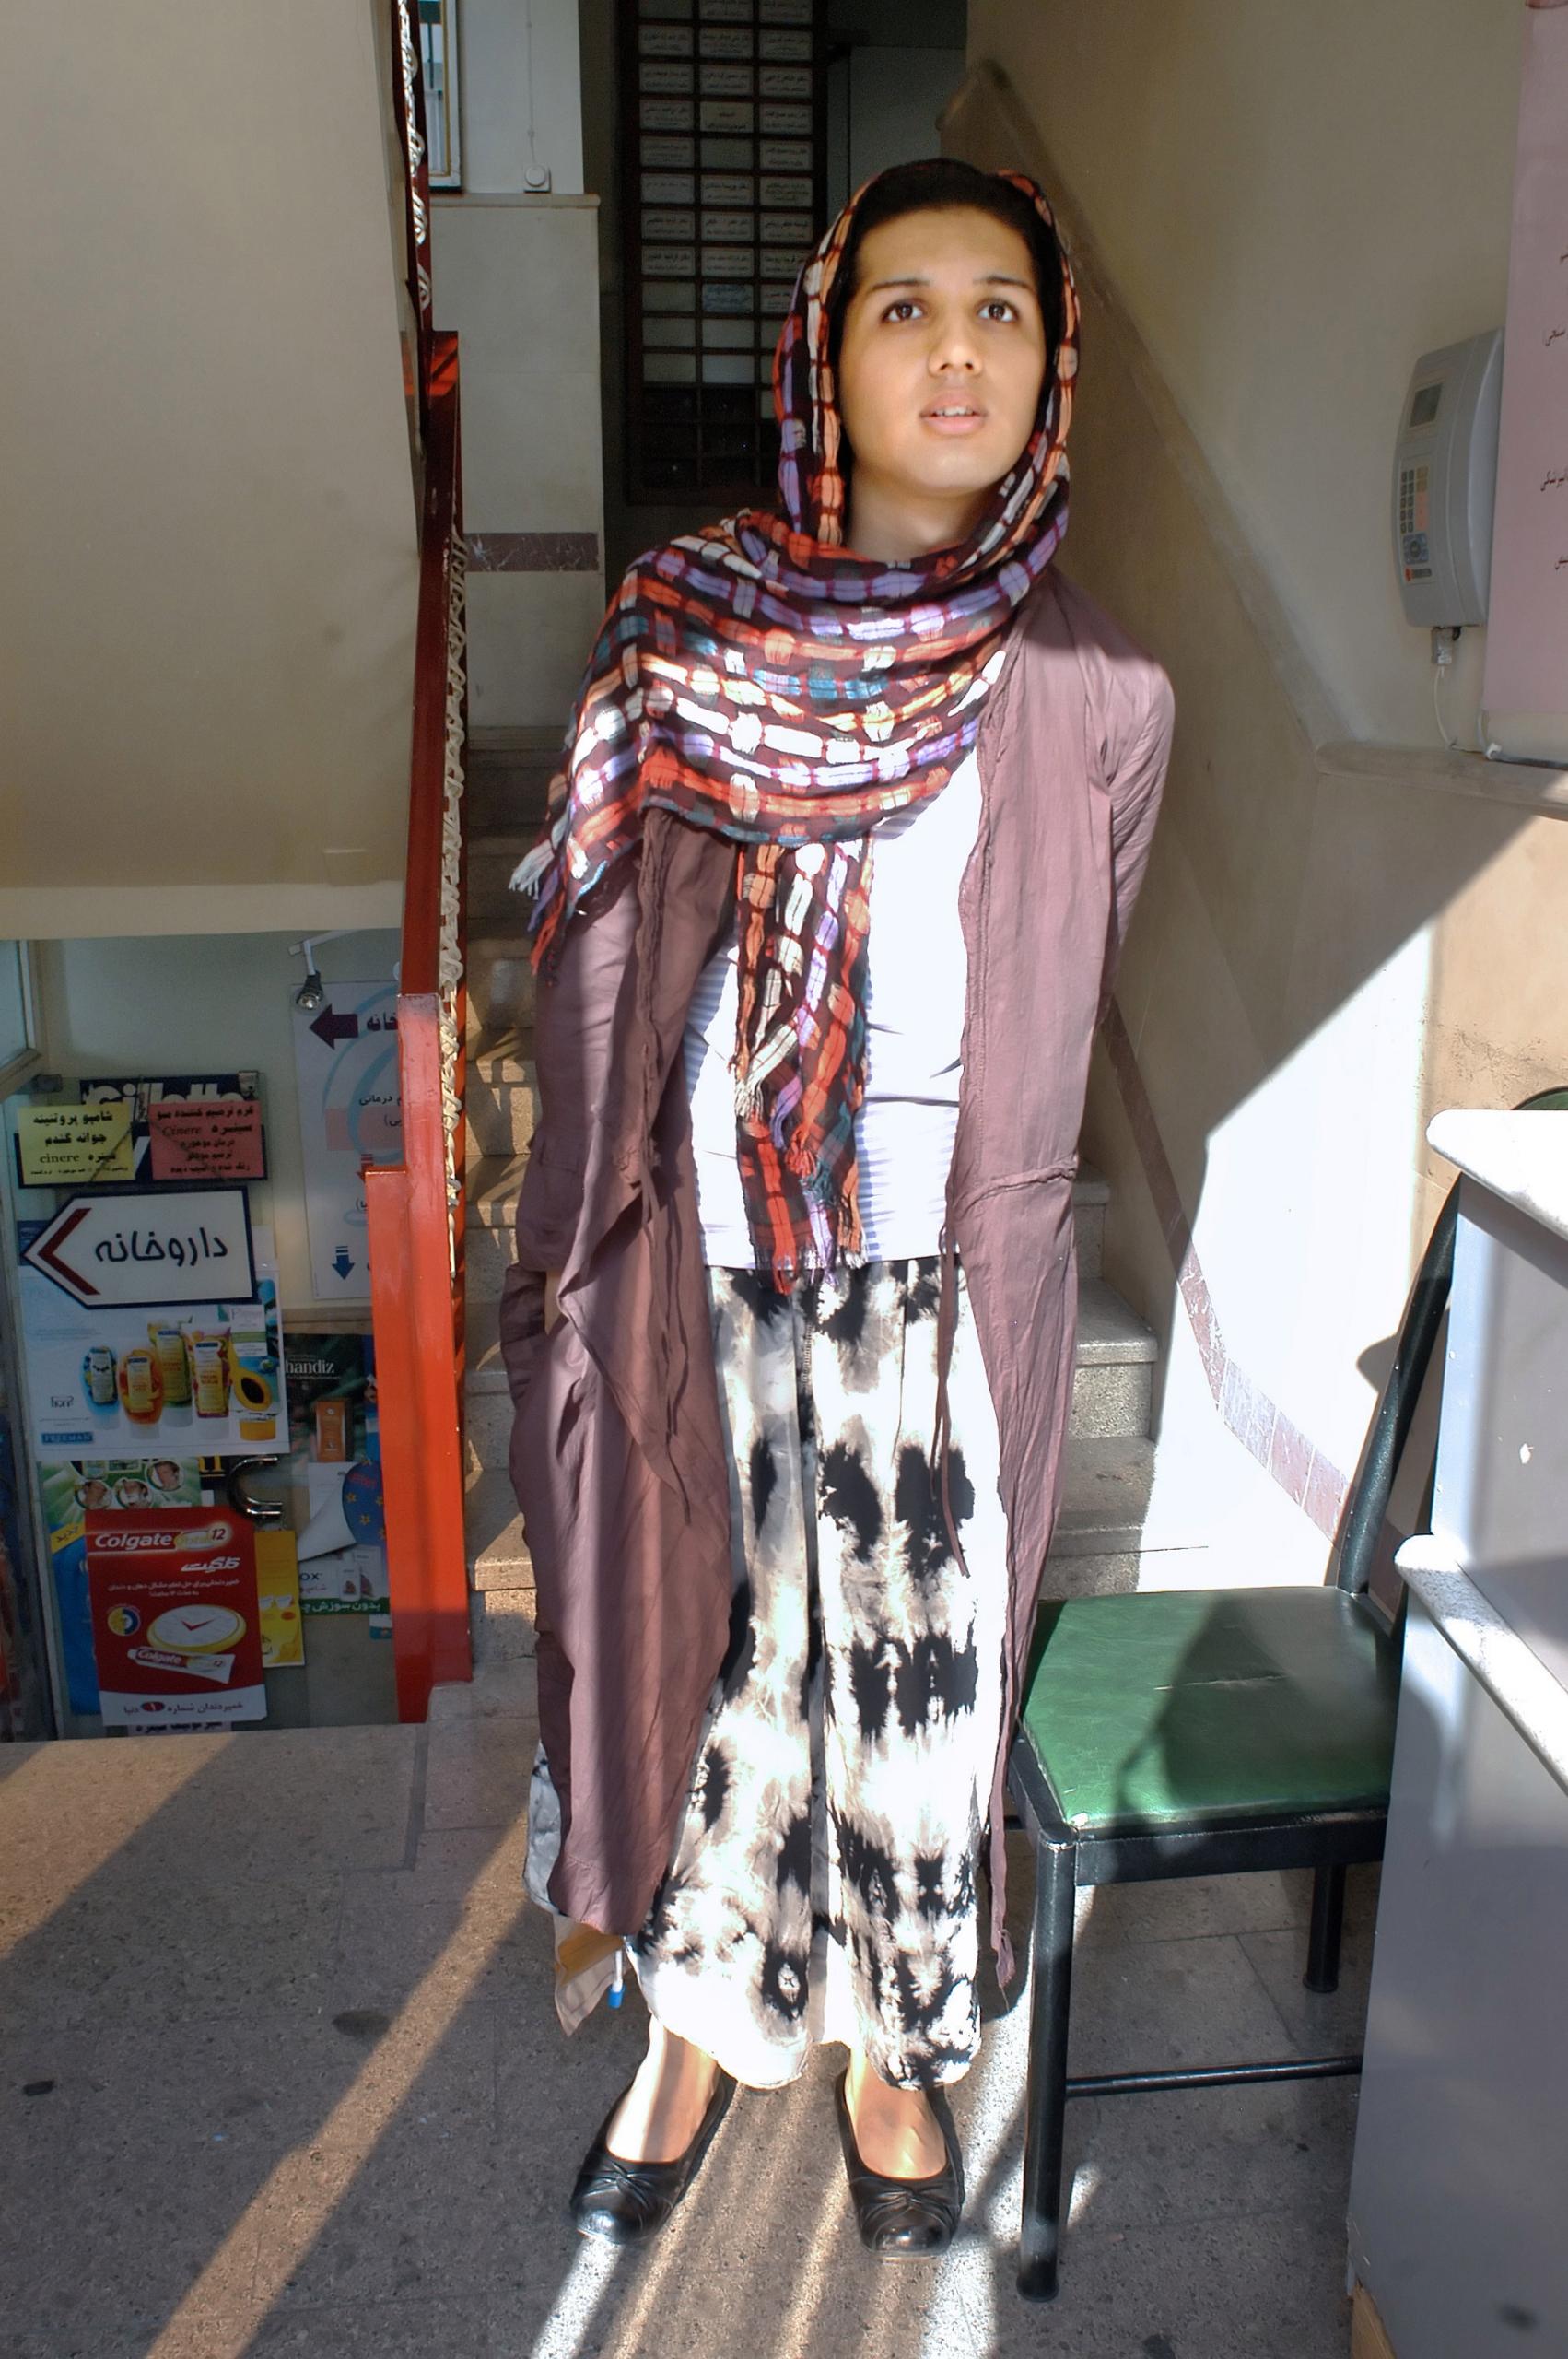 """Irán: Gays y lesbianas forzados a cirugías de reasignación de género para ser """"héteros"""" socialmente"""